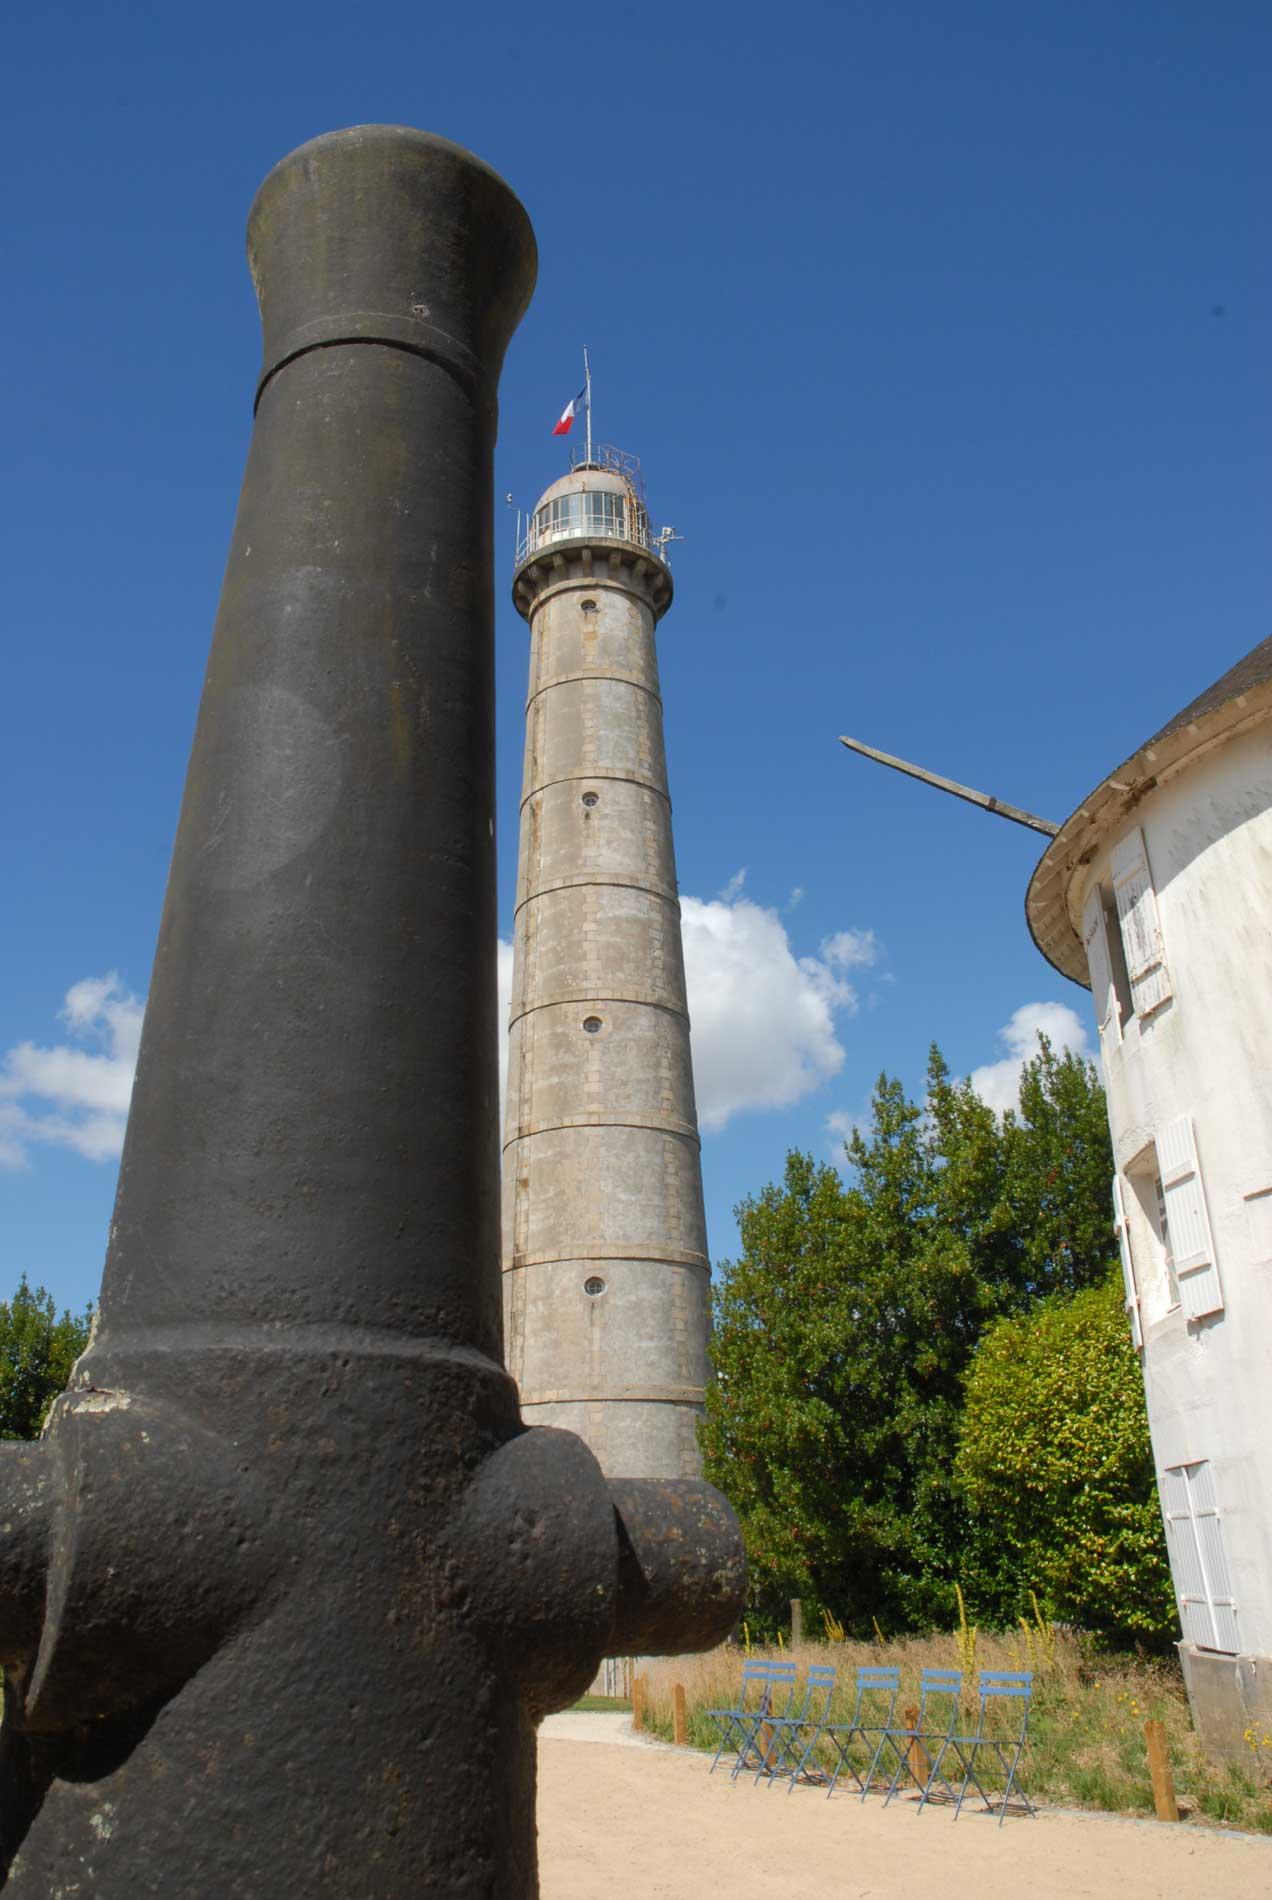 Jardin des moulins